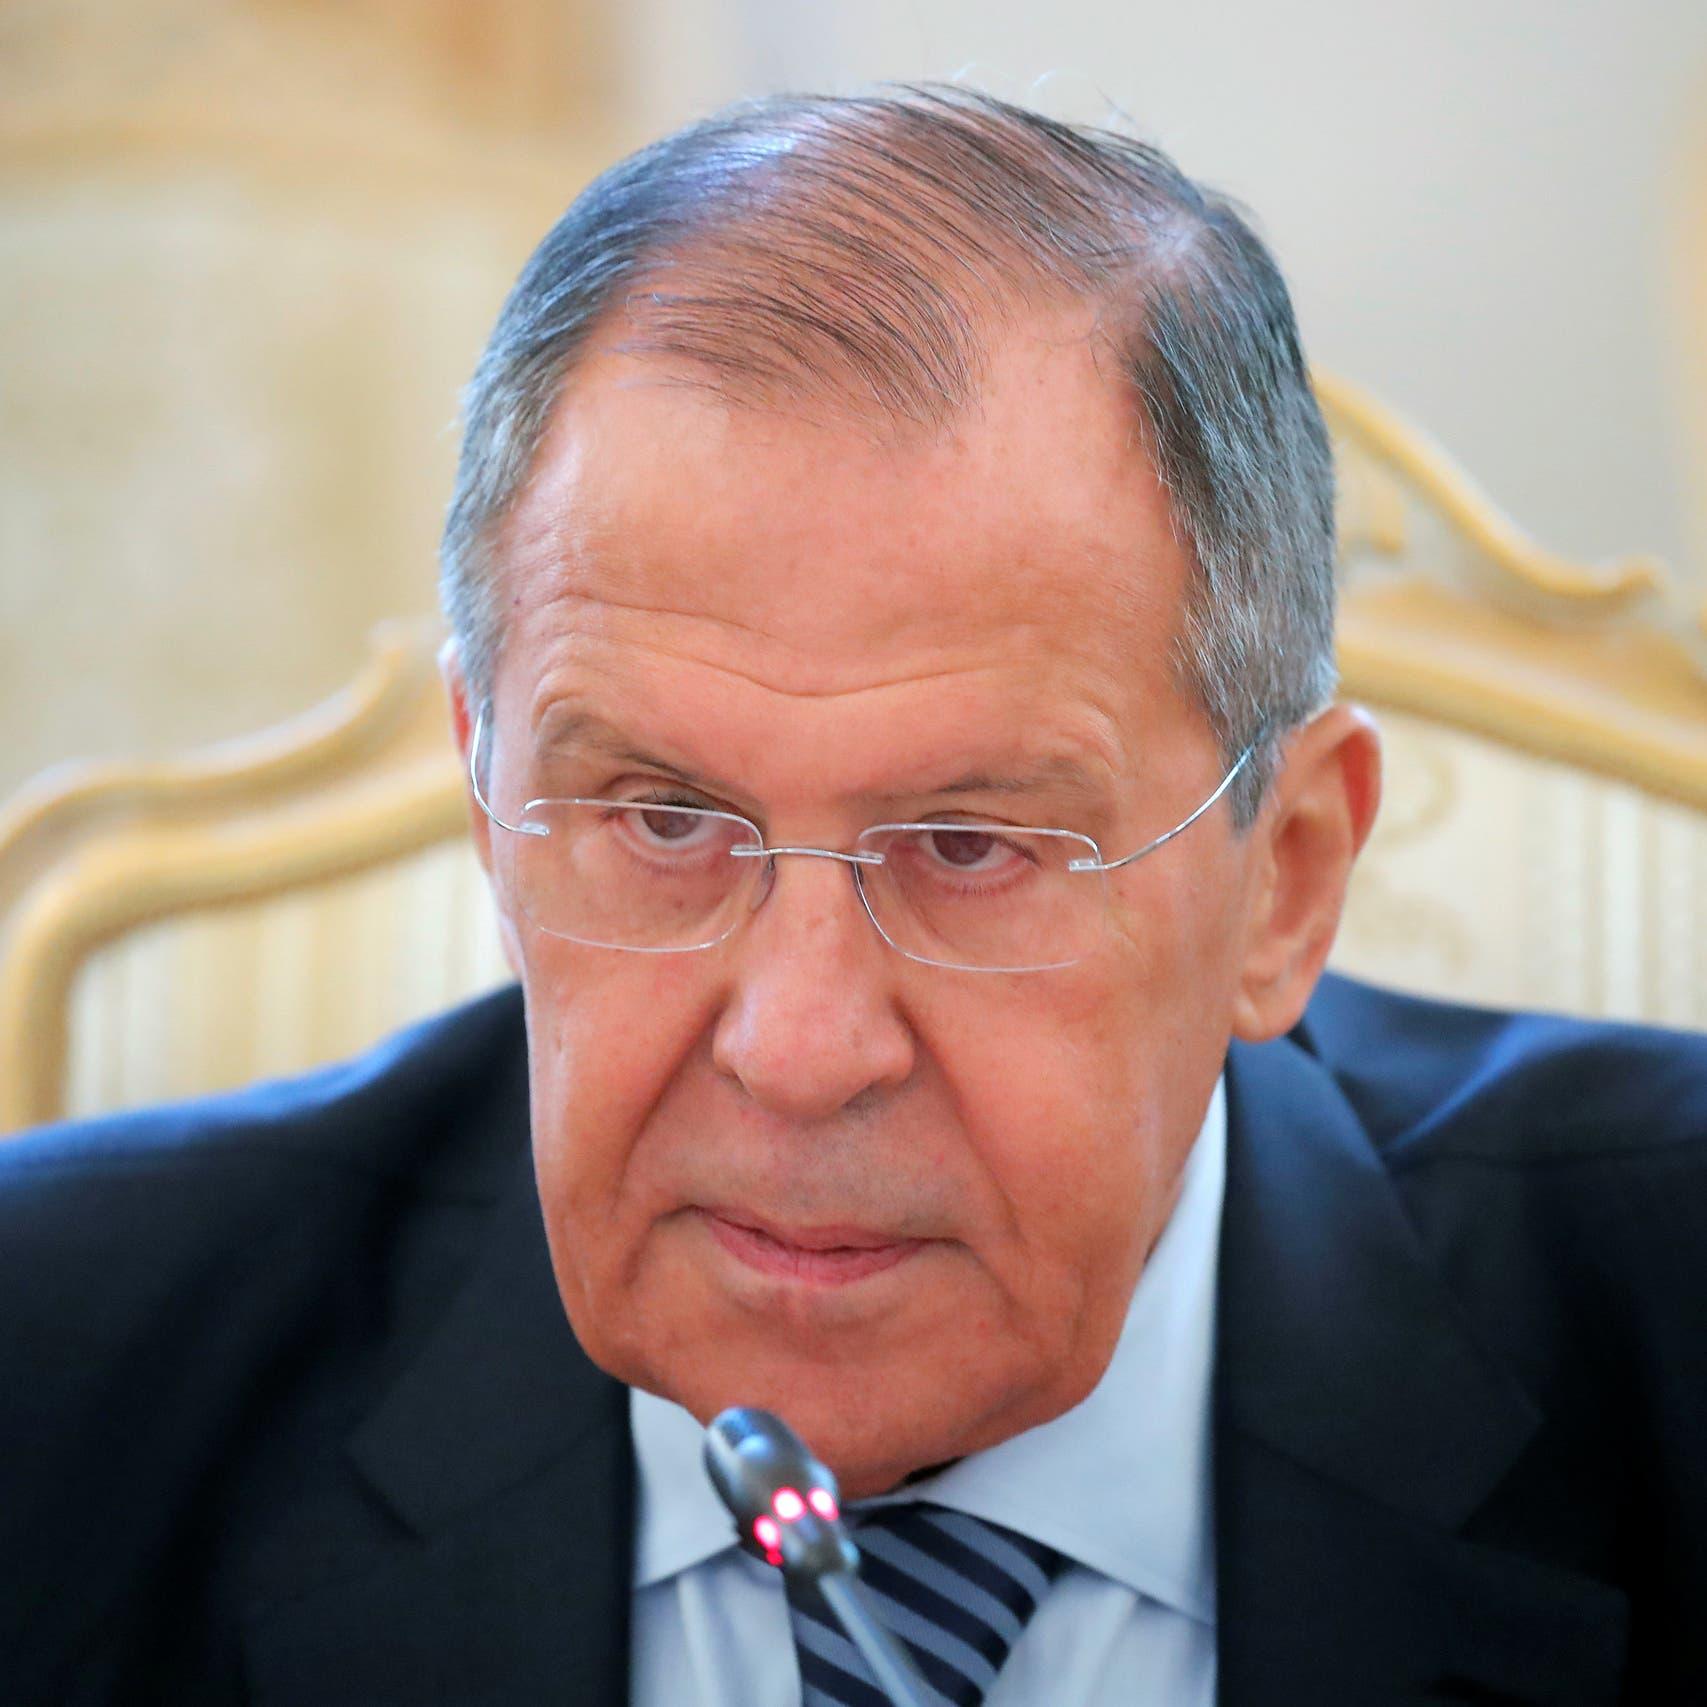 لافروف: الحرب في سوريا انتهت وبقيت بؤر توتر فقط